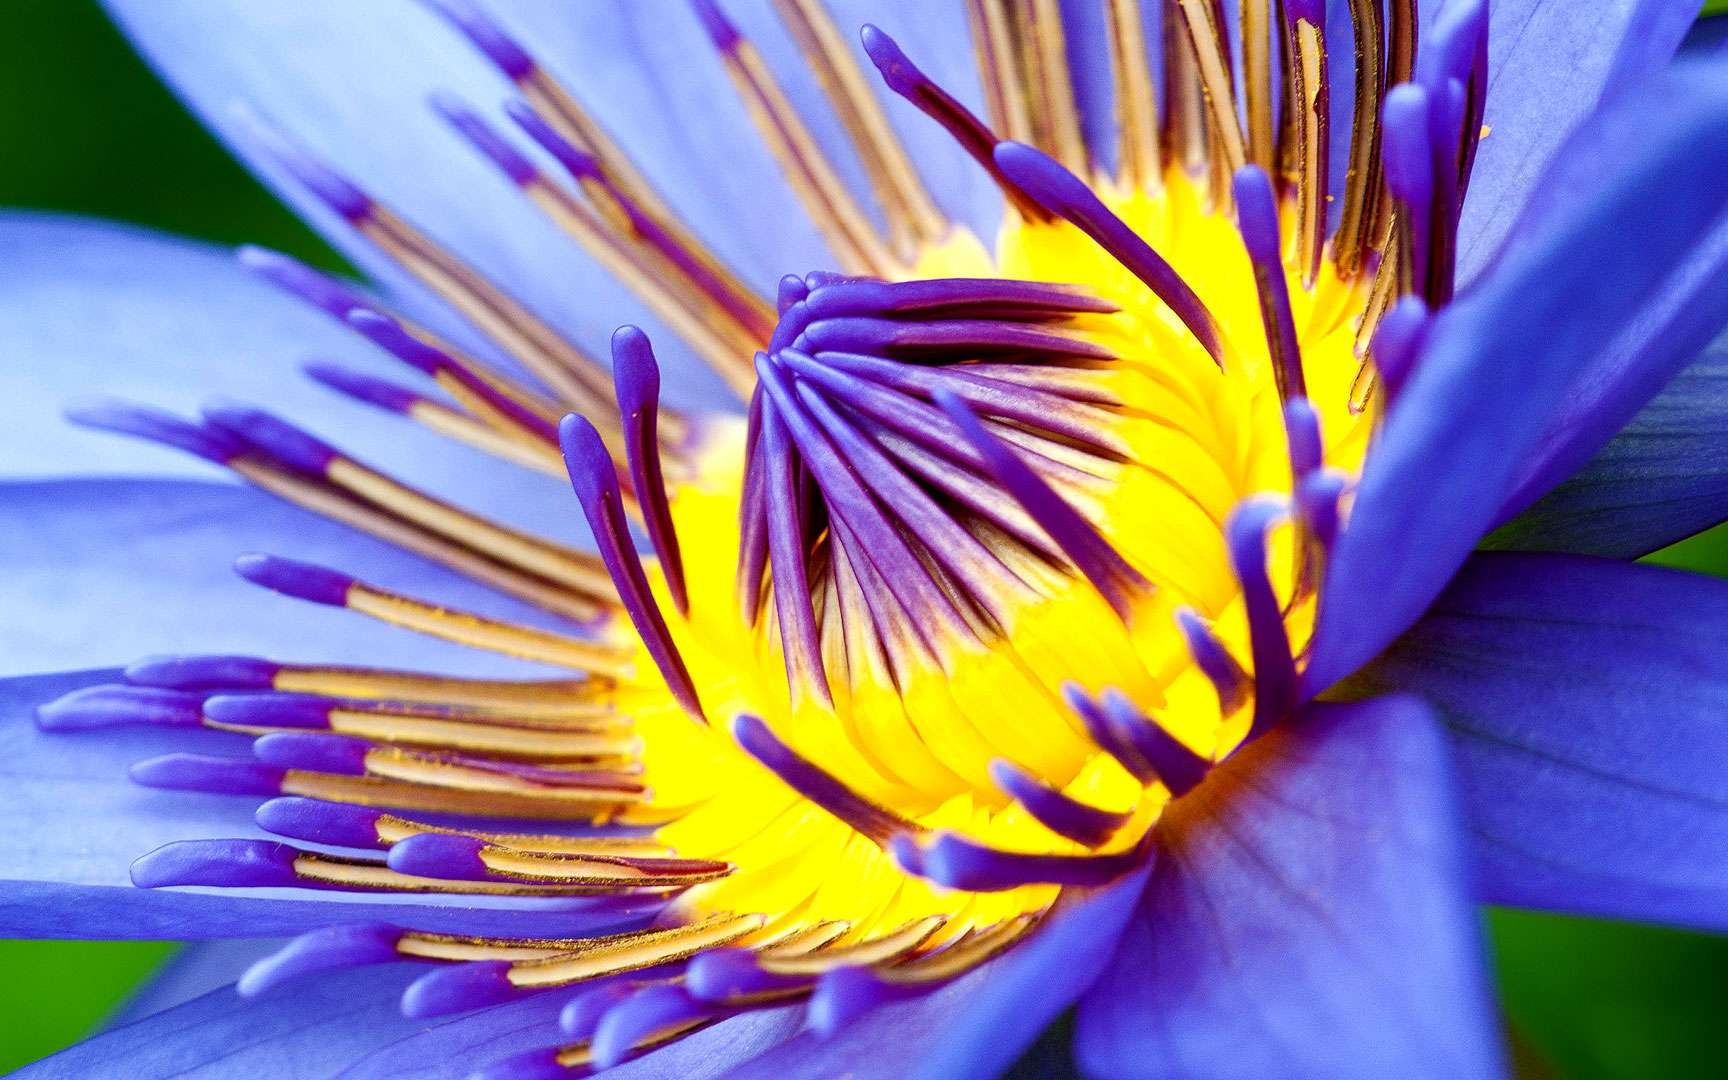 Le nénuphar, une plante flottante aux fleurs solitaires. Plante aquatique bien connue, le nénuphar, ou nénufar, se caractérise par de longues feuilles arrondies flottantes et par de magnifiques fleurs solitaires. Elle se développe dans les eaux dormantes à partir d'une souche enracinée dans le fond. Origine : Europe. © Orlando Dus, Flickr, CC by-nc-nd 2.0